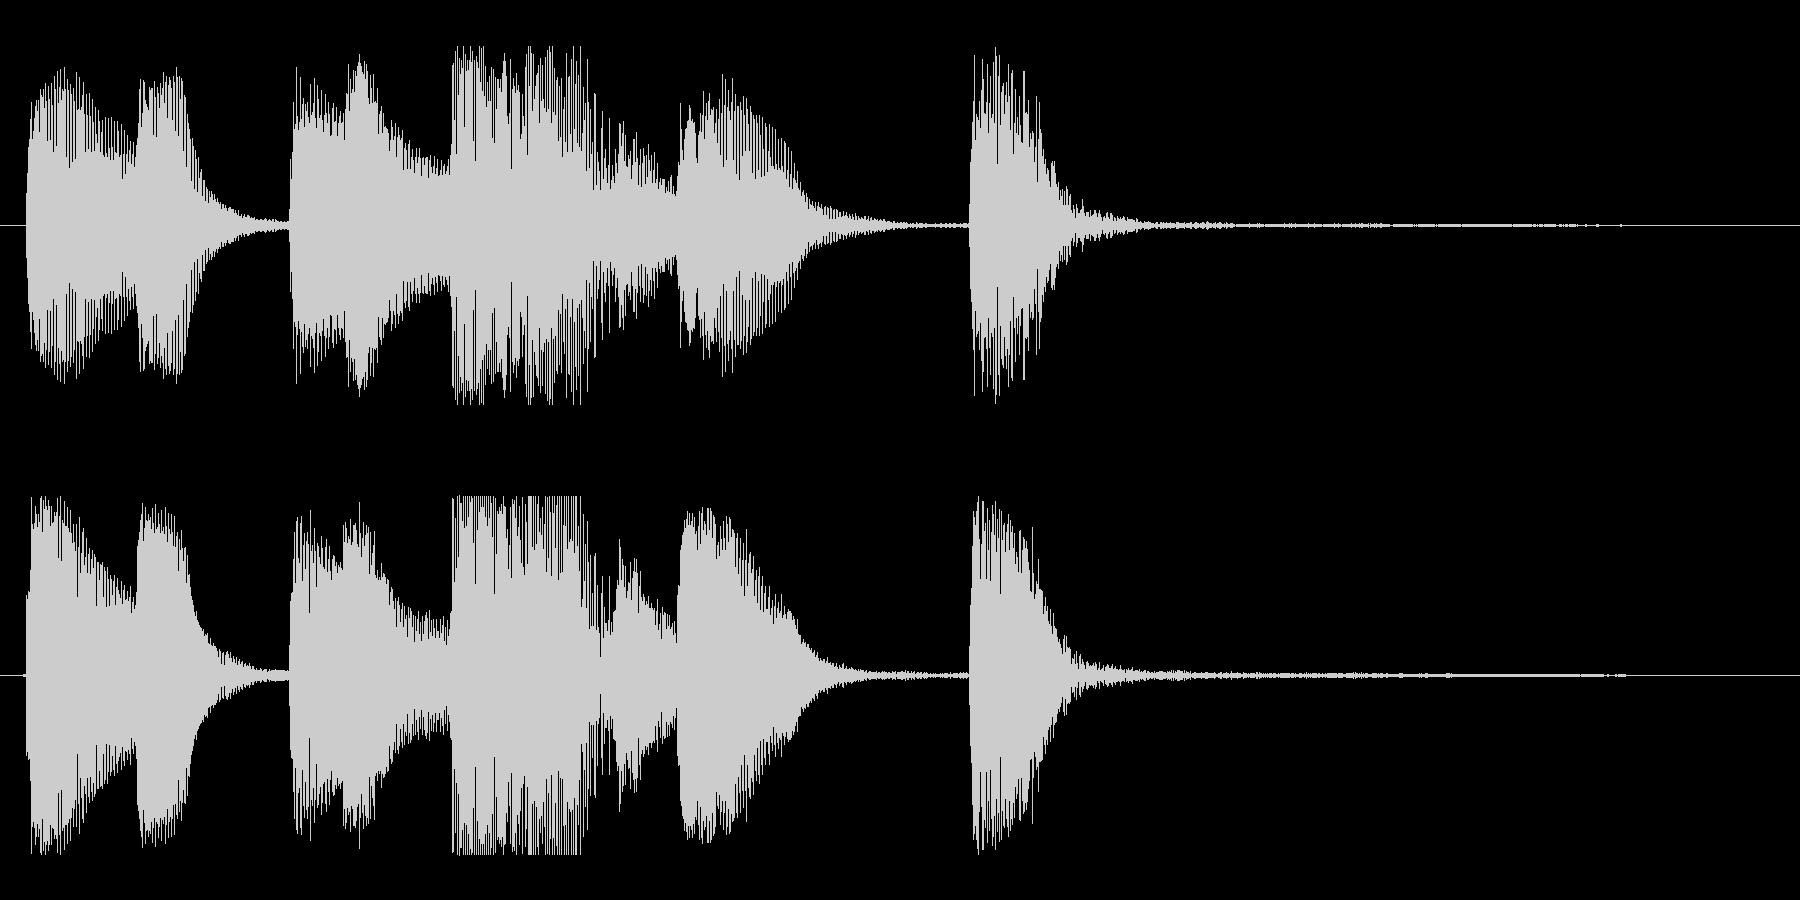 【バードランド1】の未再生の波形